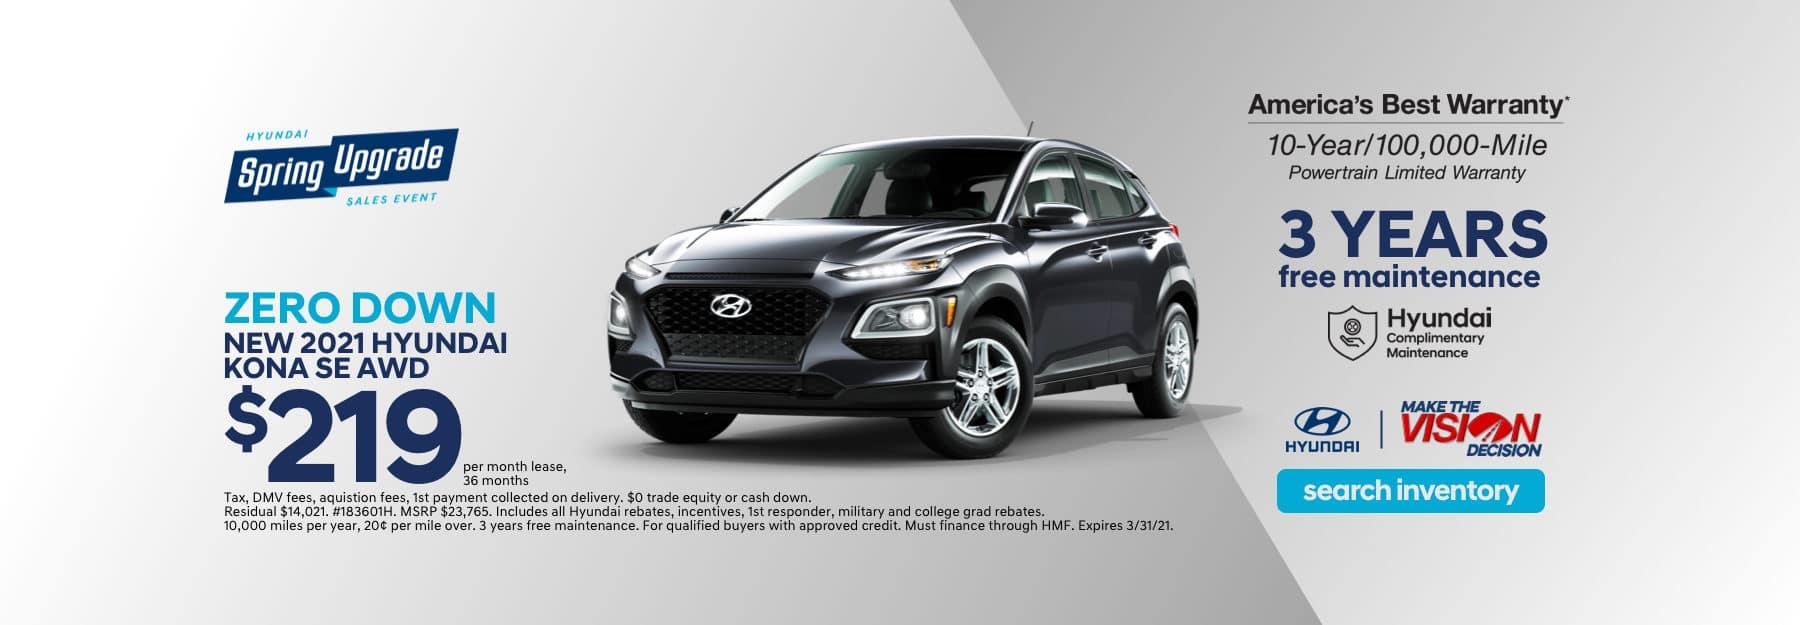 Vision-Hyundai-Sliders-0304-Kona